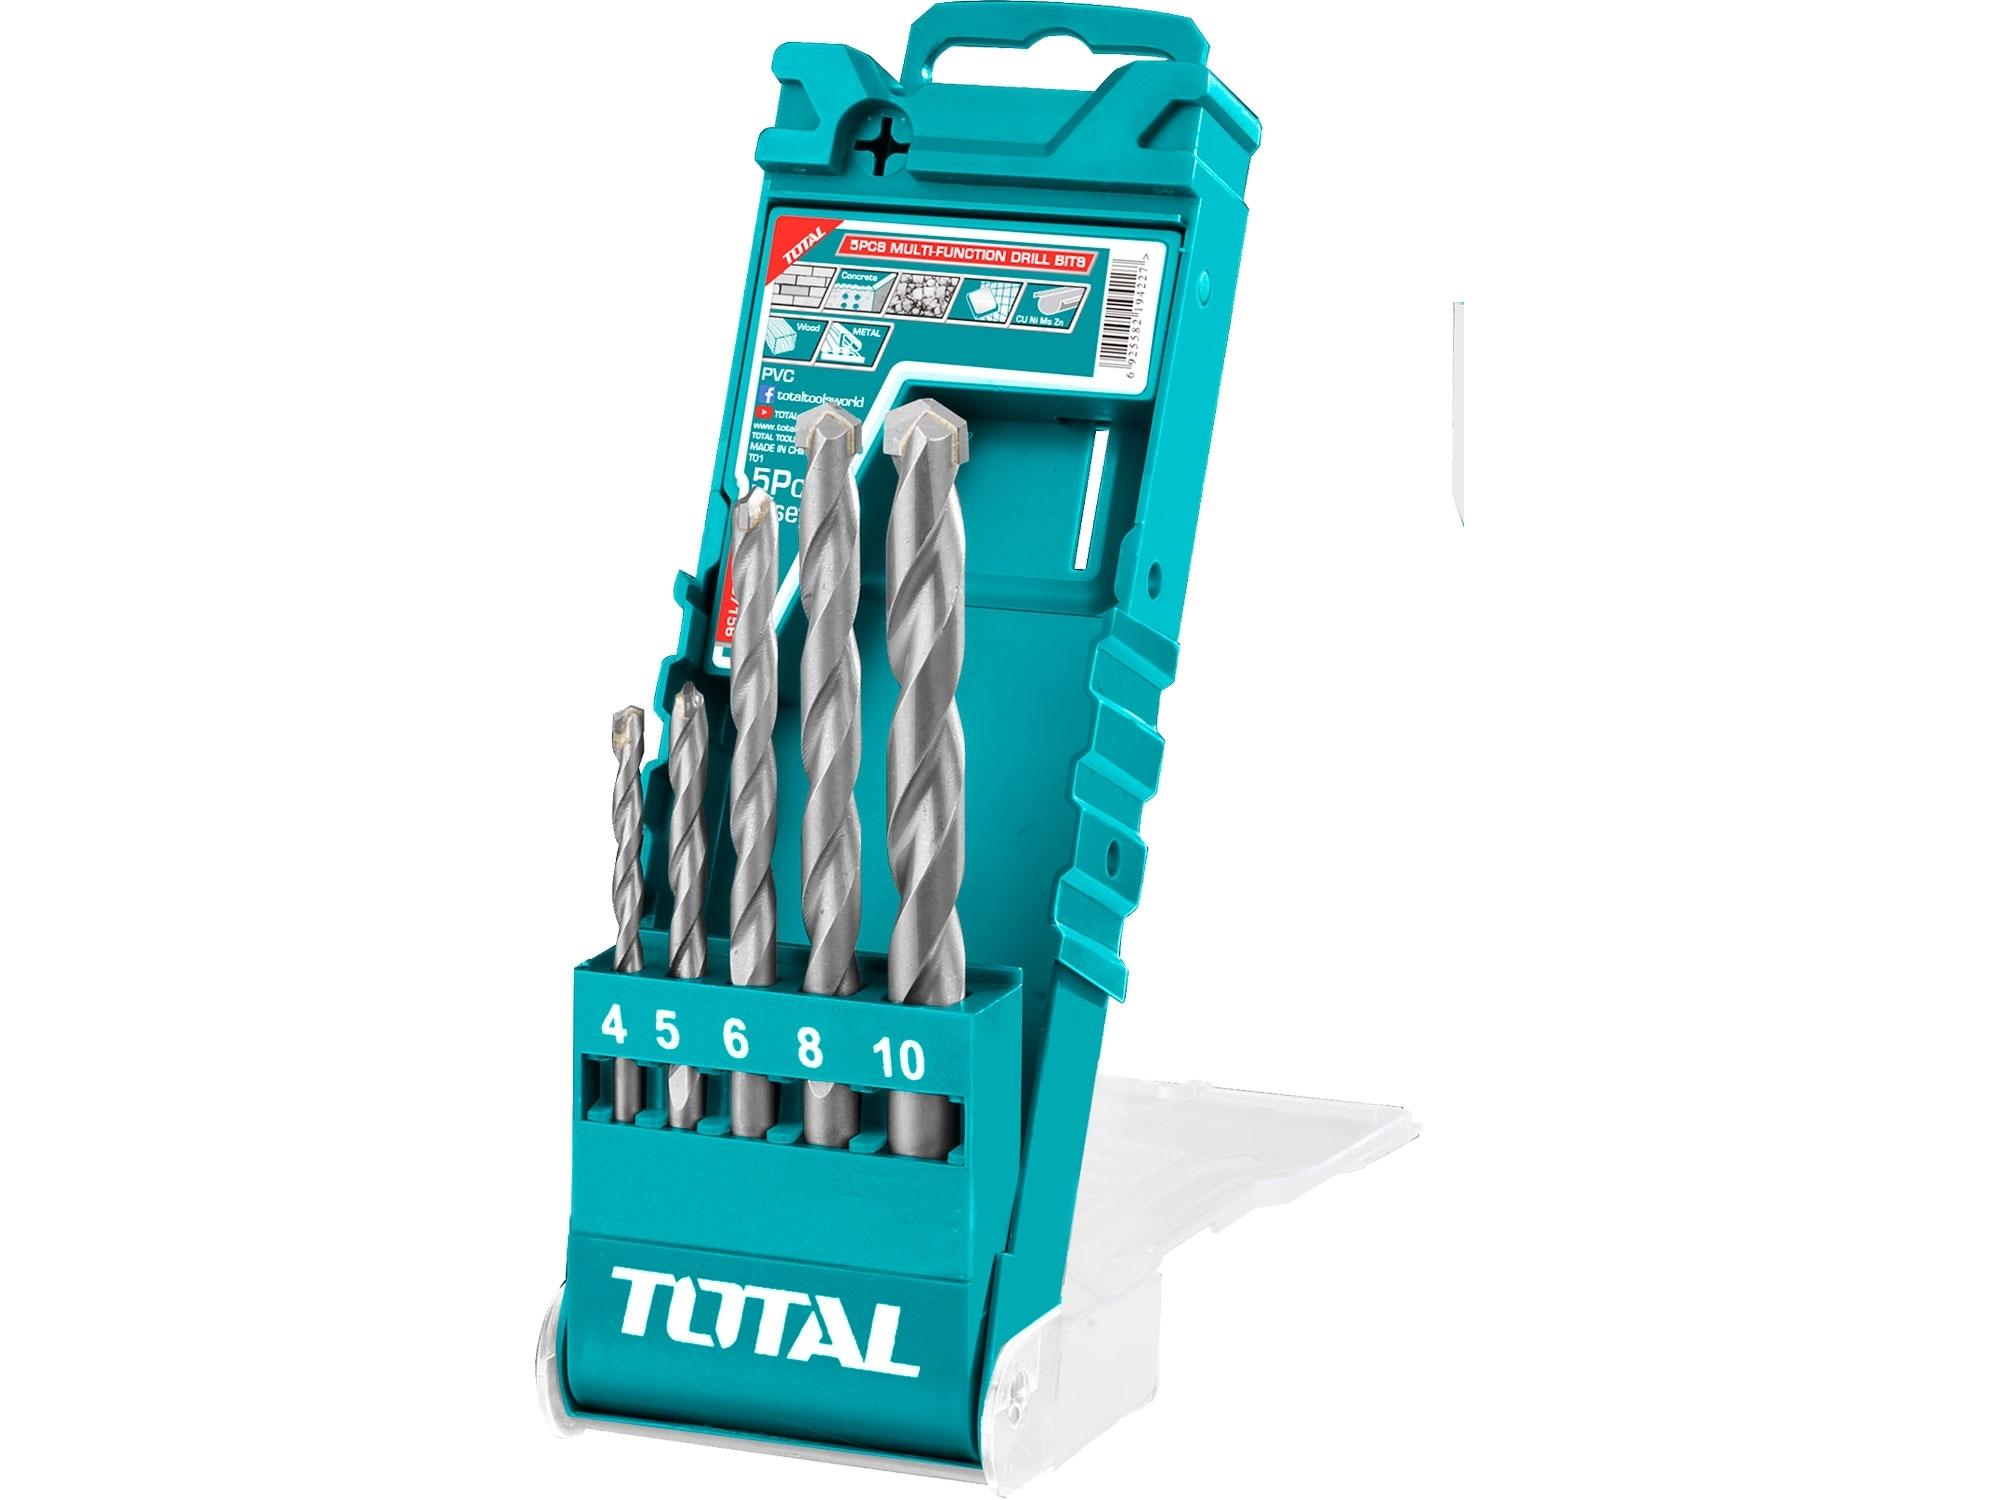 TOTAL TACSD7156 Vrtáky, multifunkční sada, 5ks, 4-5-6-8-10mm